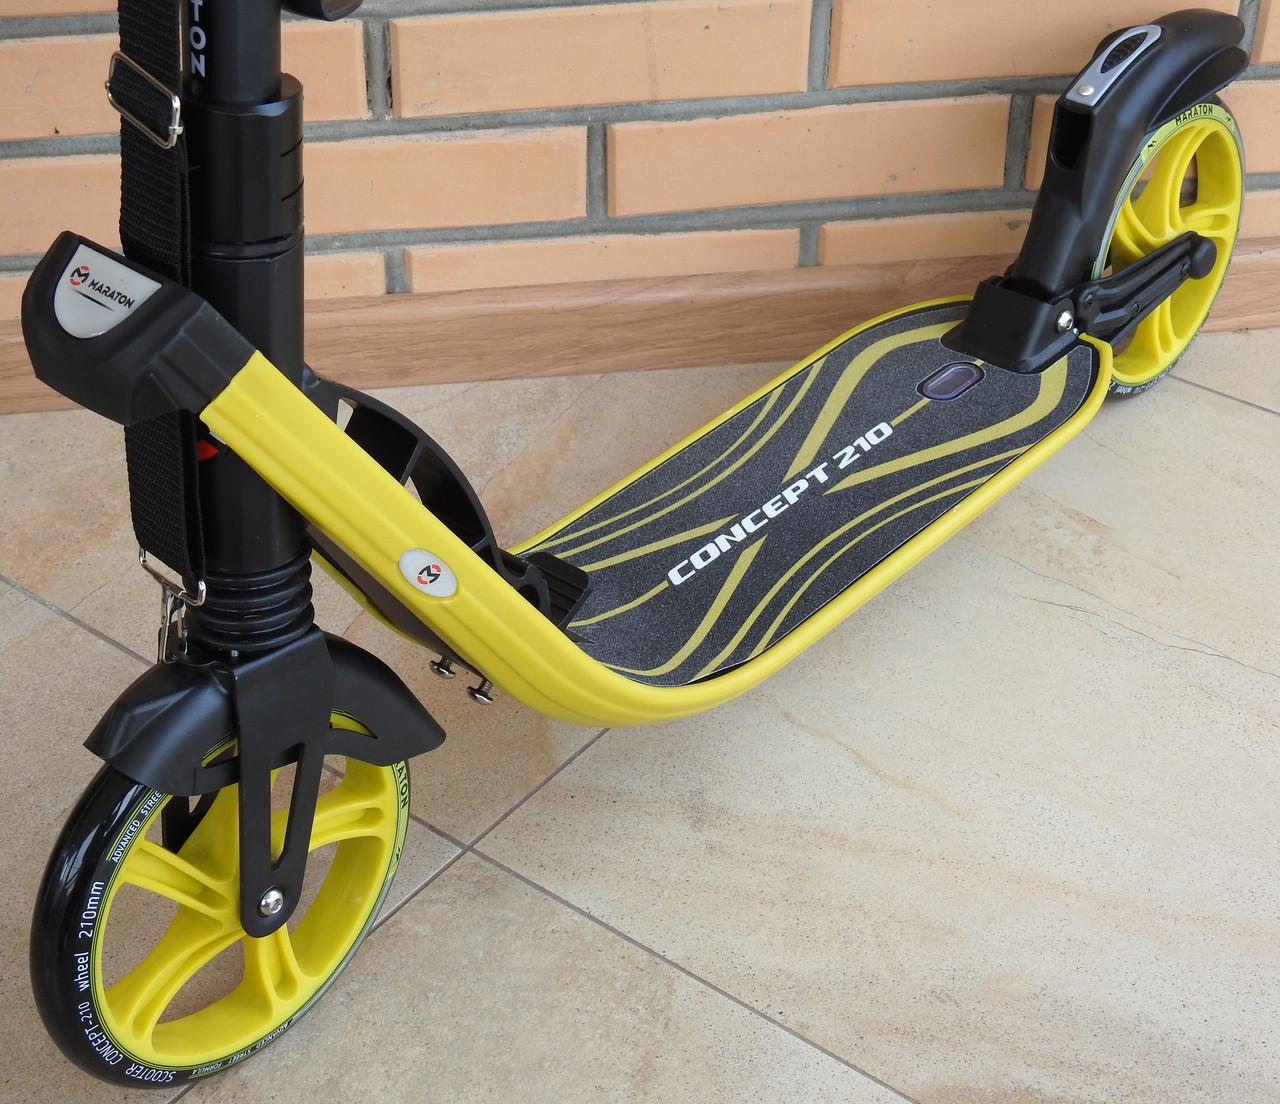 Самокат складной Maraton Concept 210 c ручным тормозом, с большими колесами, c амортизаторами